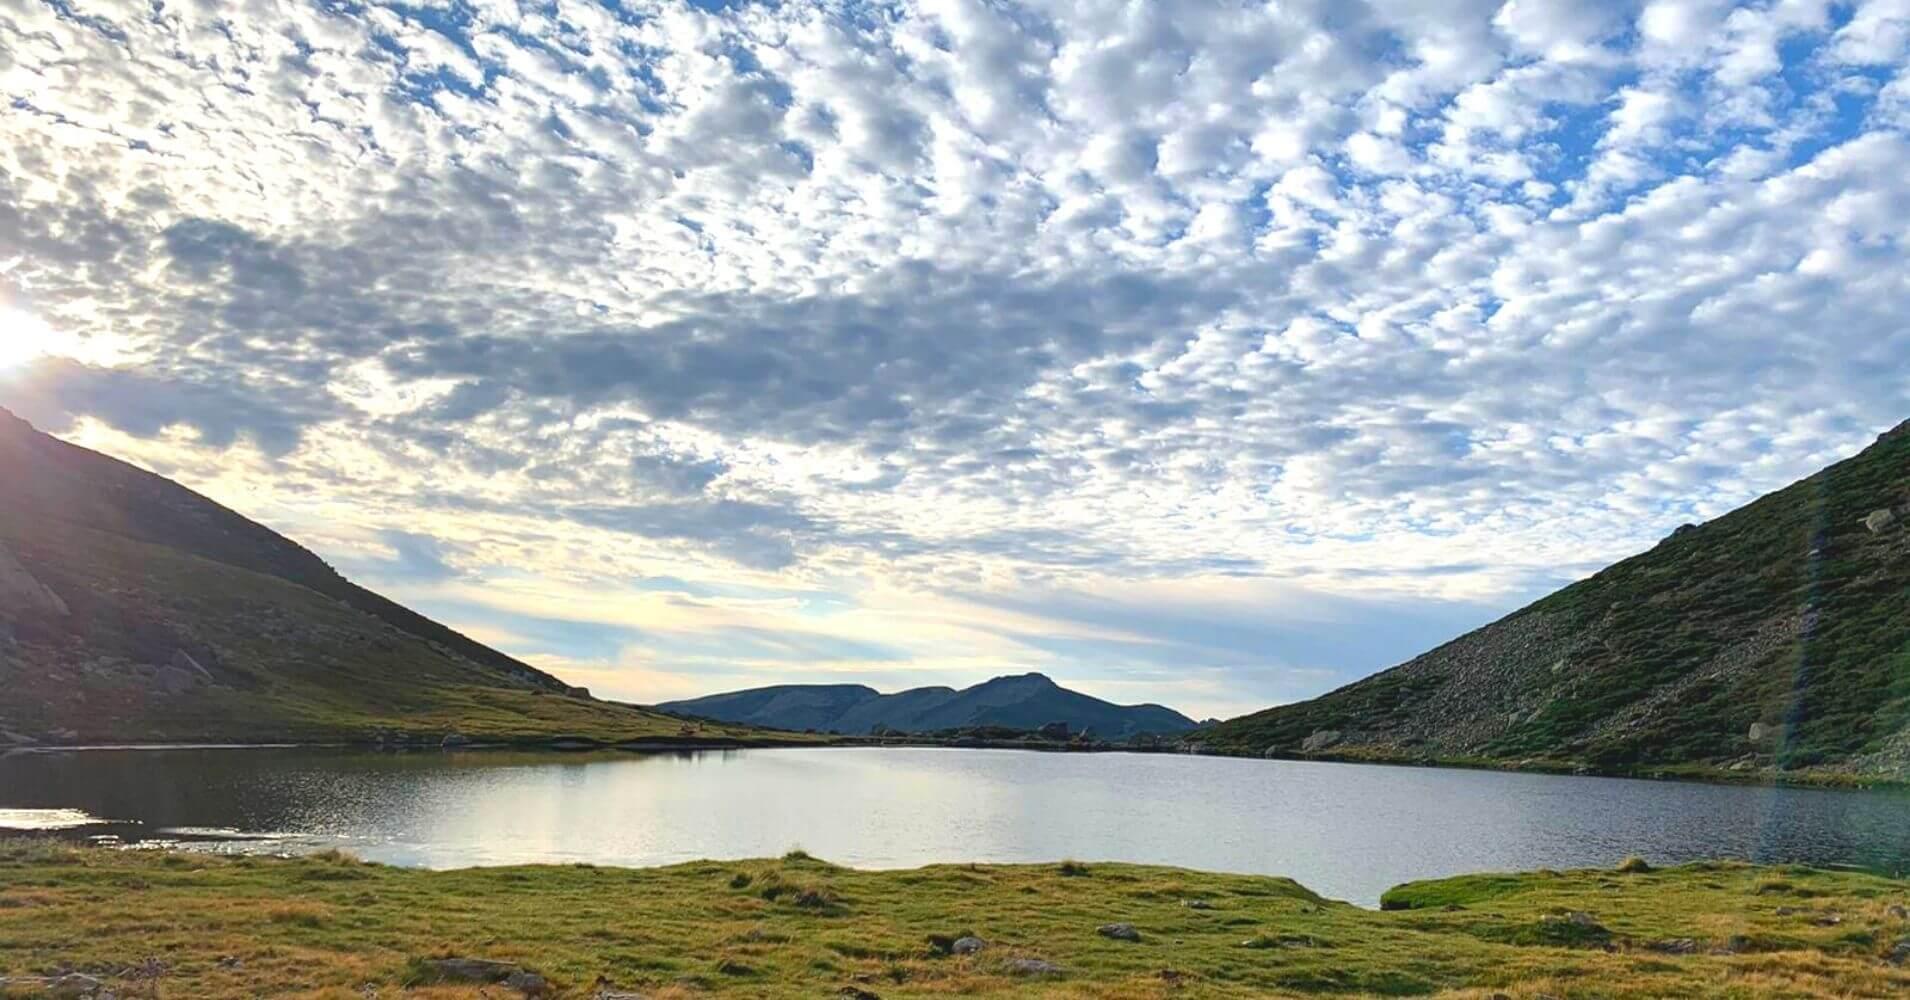 Laguna de los Caballeros. Navalguijo, Parque Regional Sierra de Gredos. Ávila, Castilla y León.